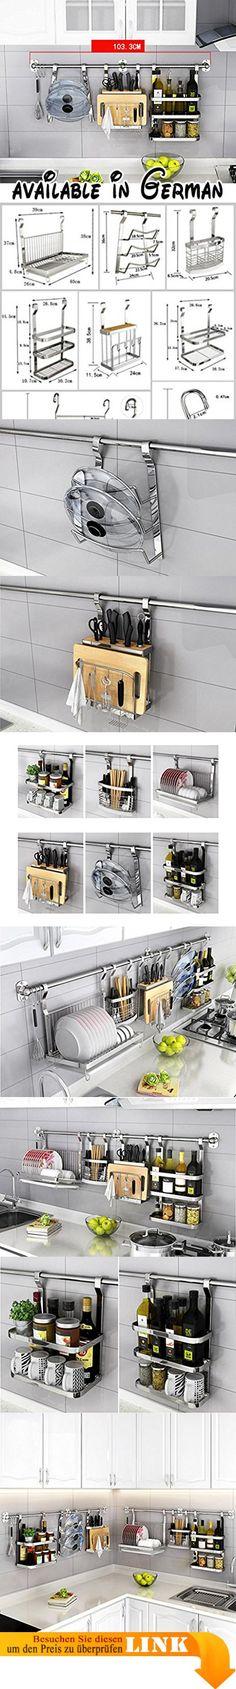 B0775V4VLT  WENZHE Küchenregal Küche Wandregal Ablage Regal - gewürzregale für küchenschränke